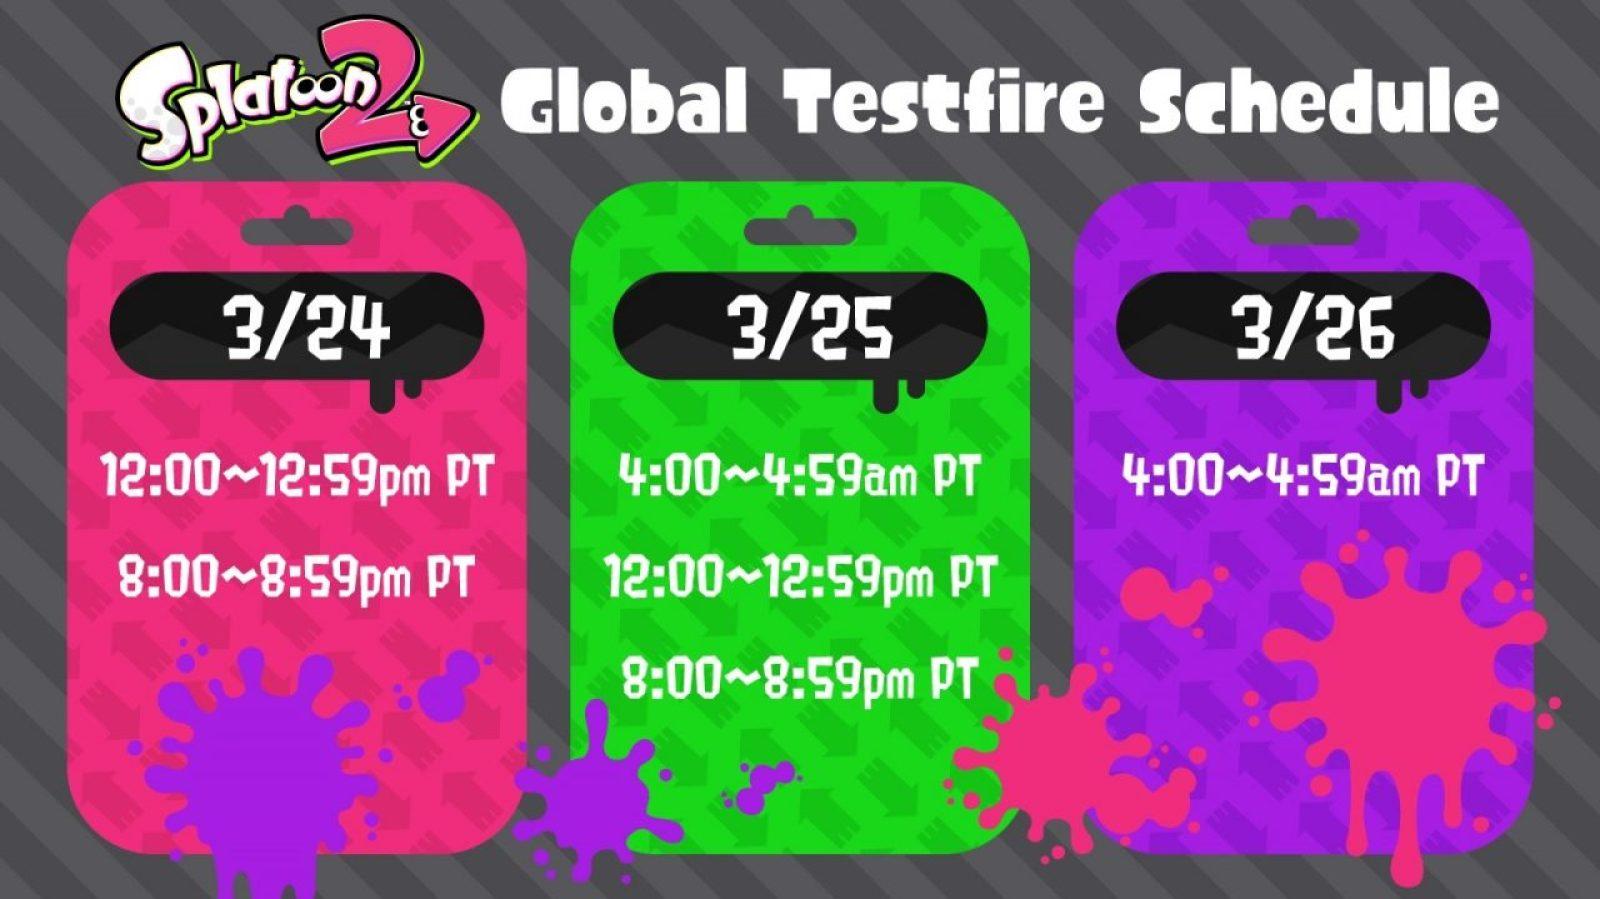 SPLAT2_GlobalTestfire_schedule.jpg